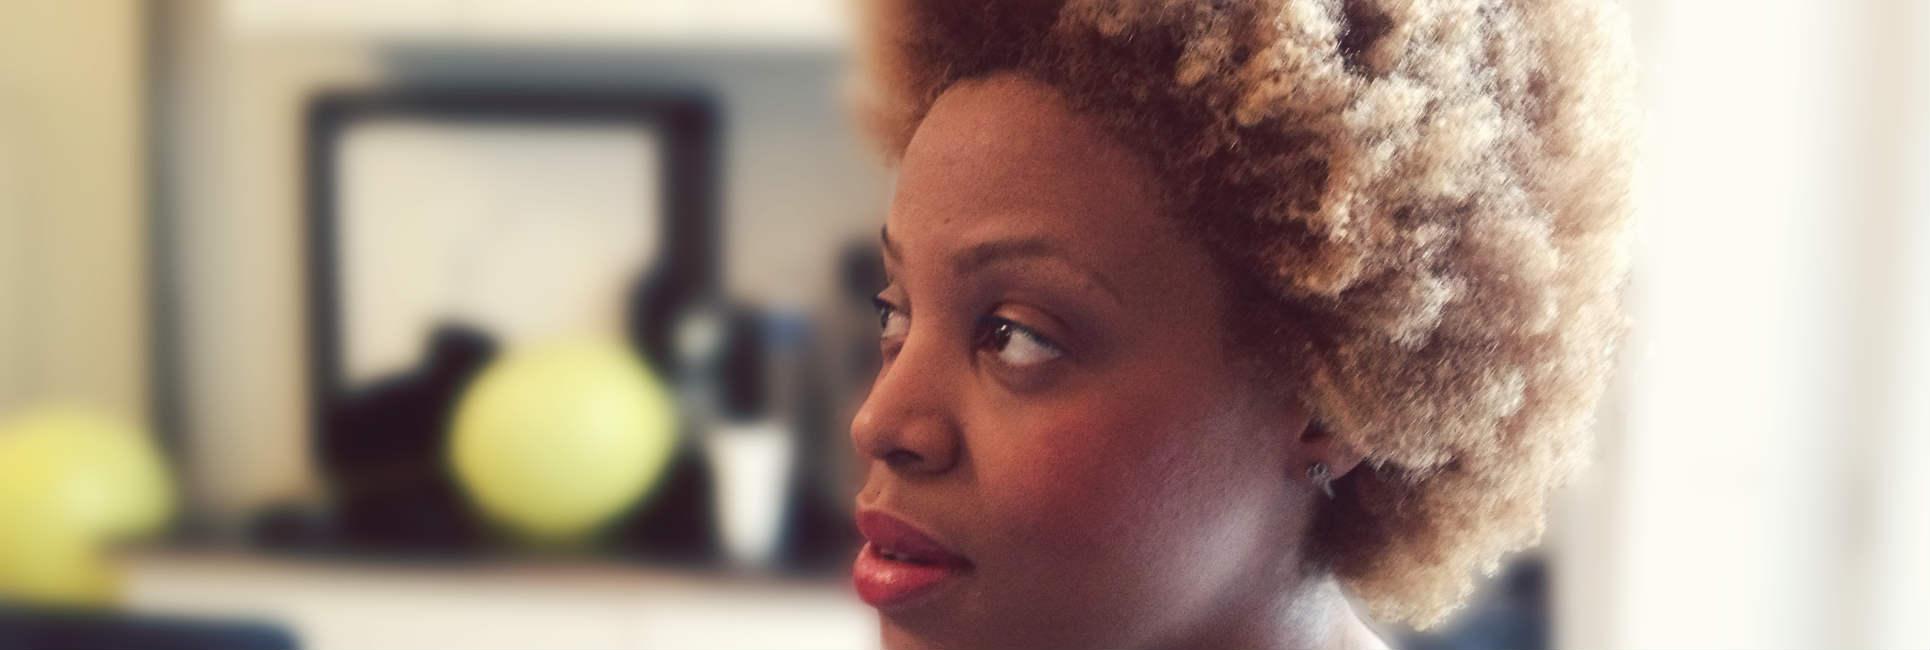 Hair Salon For Black Hair | hairstylegalleries.com